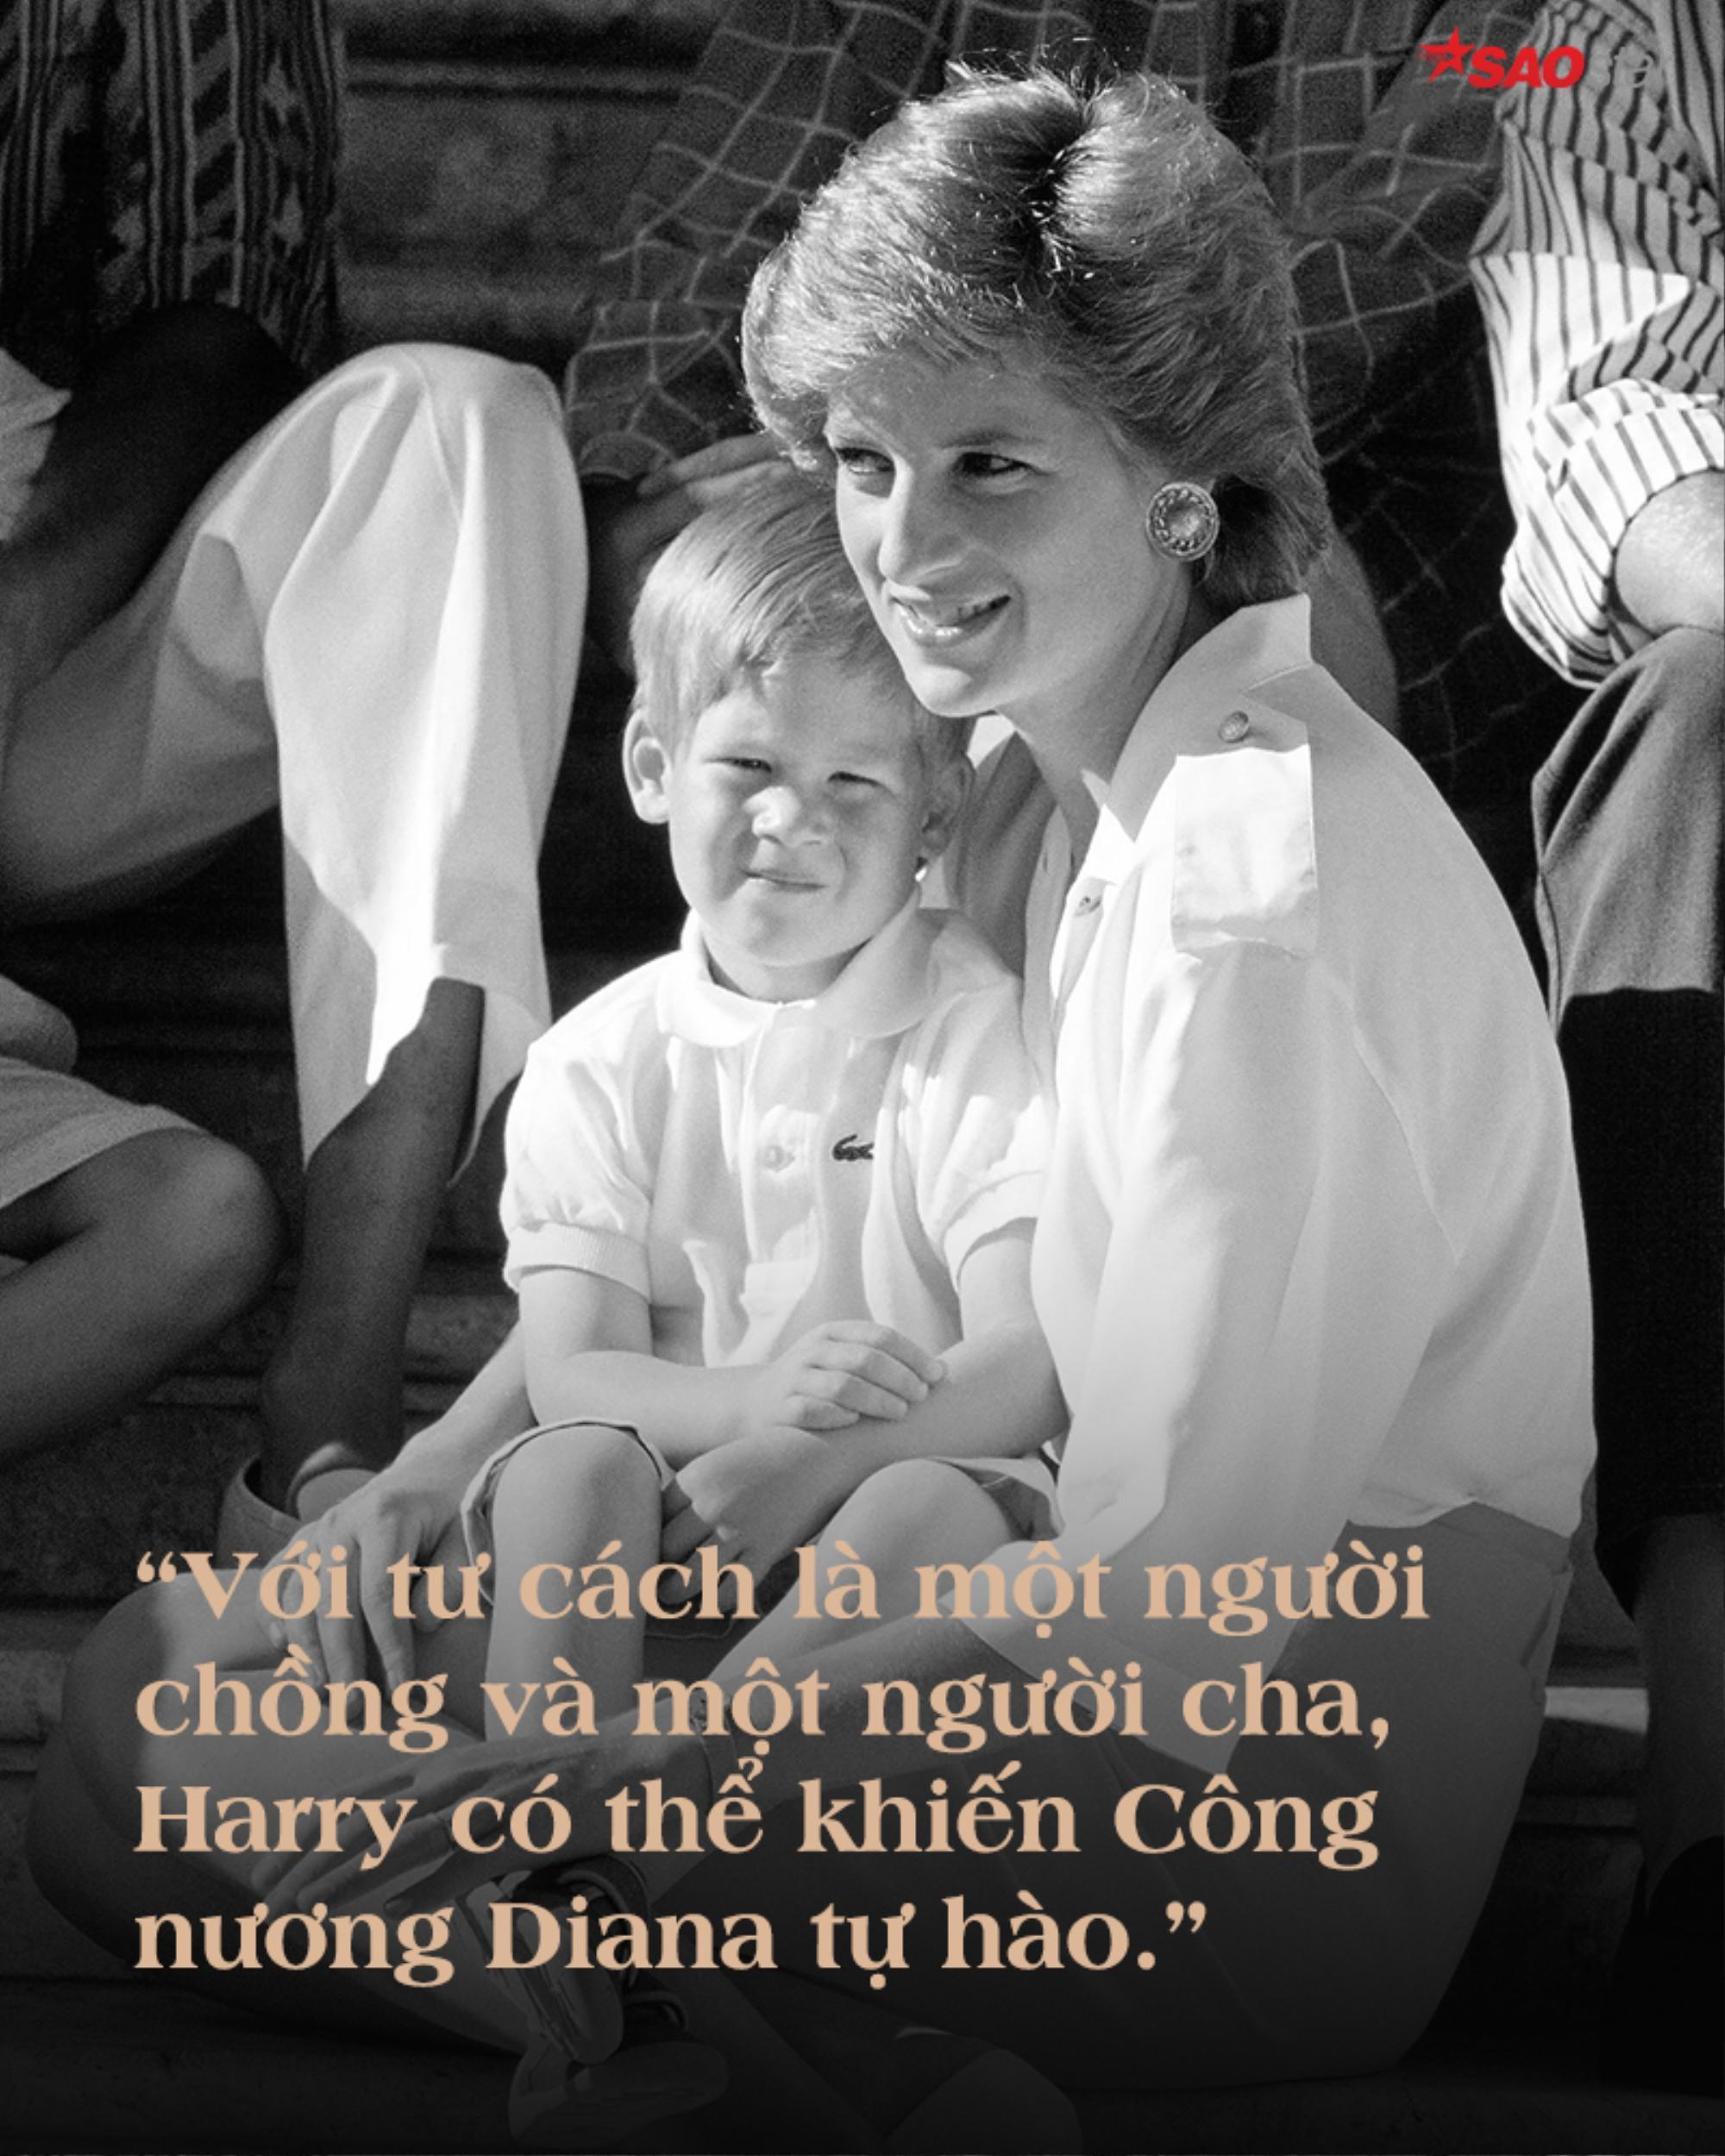 'Linh hồn của Diana đã dẫn lối cho Harry và Meghan rời bỏ Hoàng gia' Ảnh 8